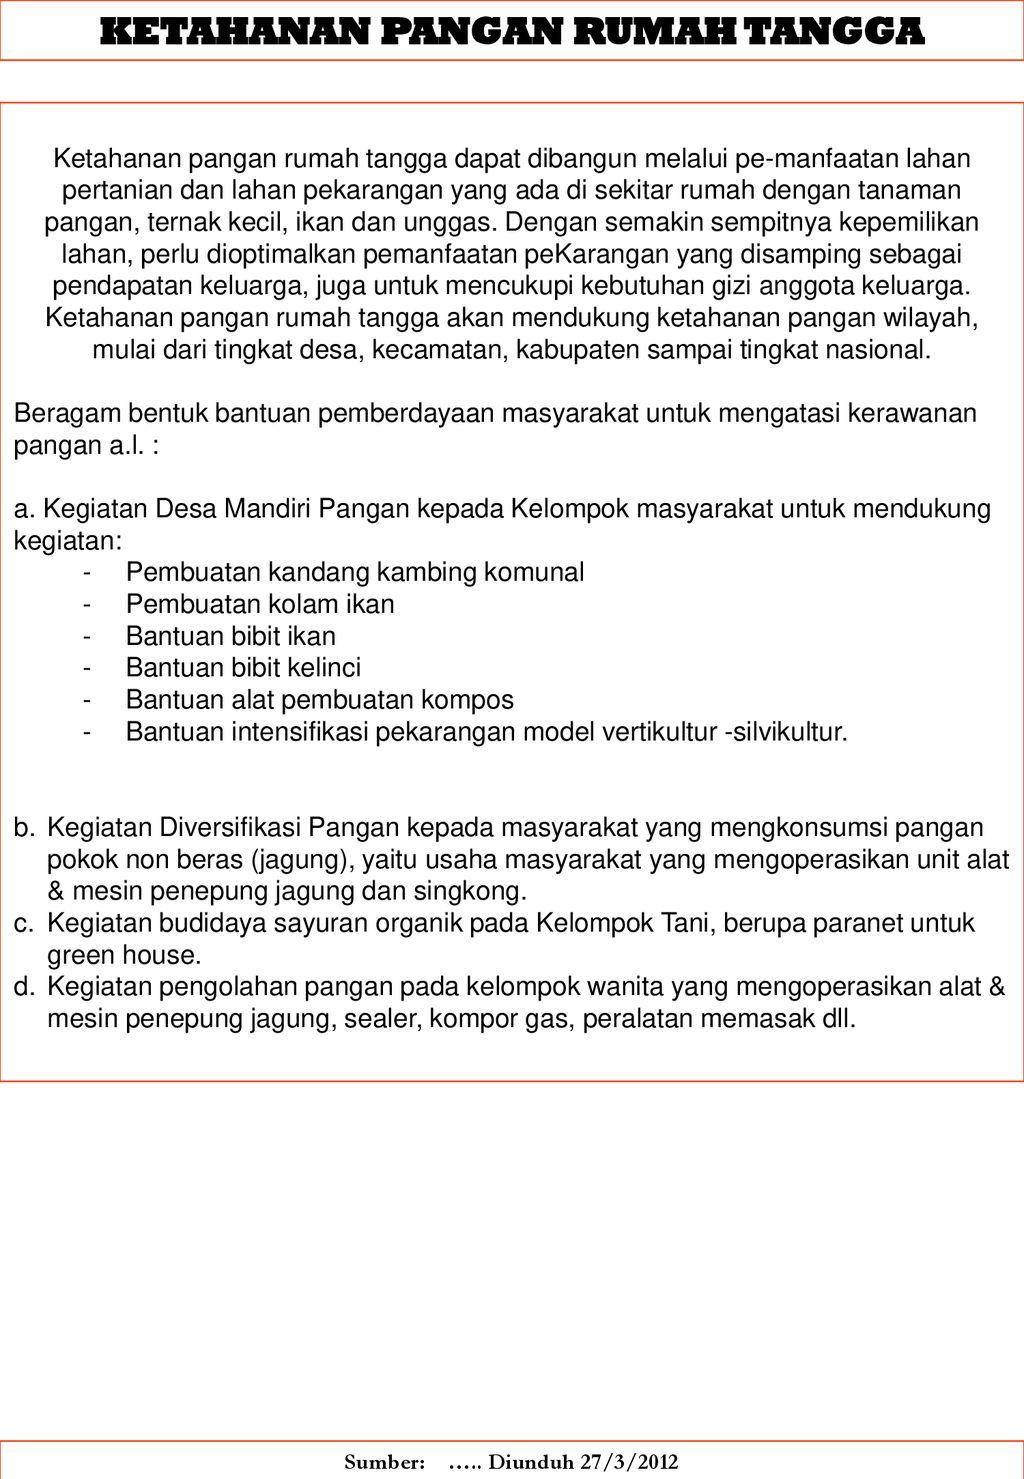 KAJIAN LINGKUNGAN DAN PEMBANGUNAN - ppt download